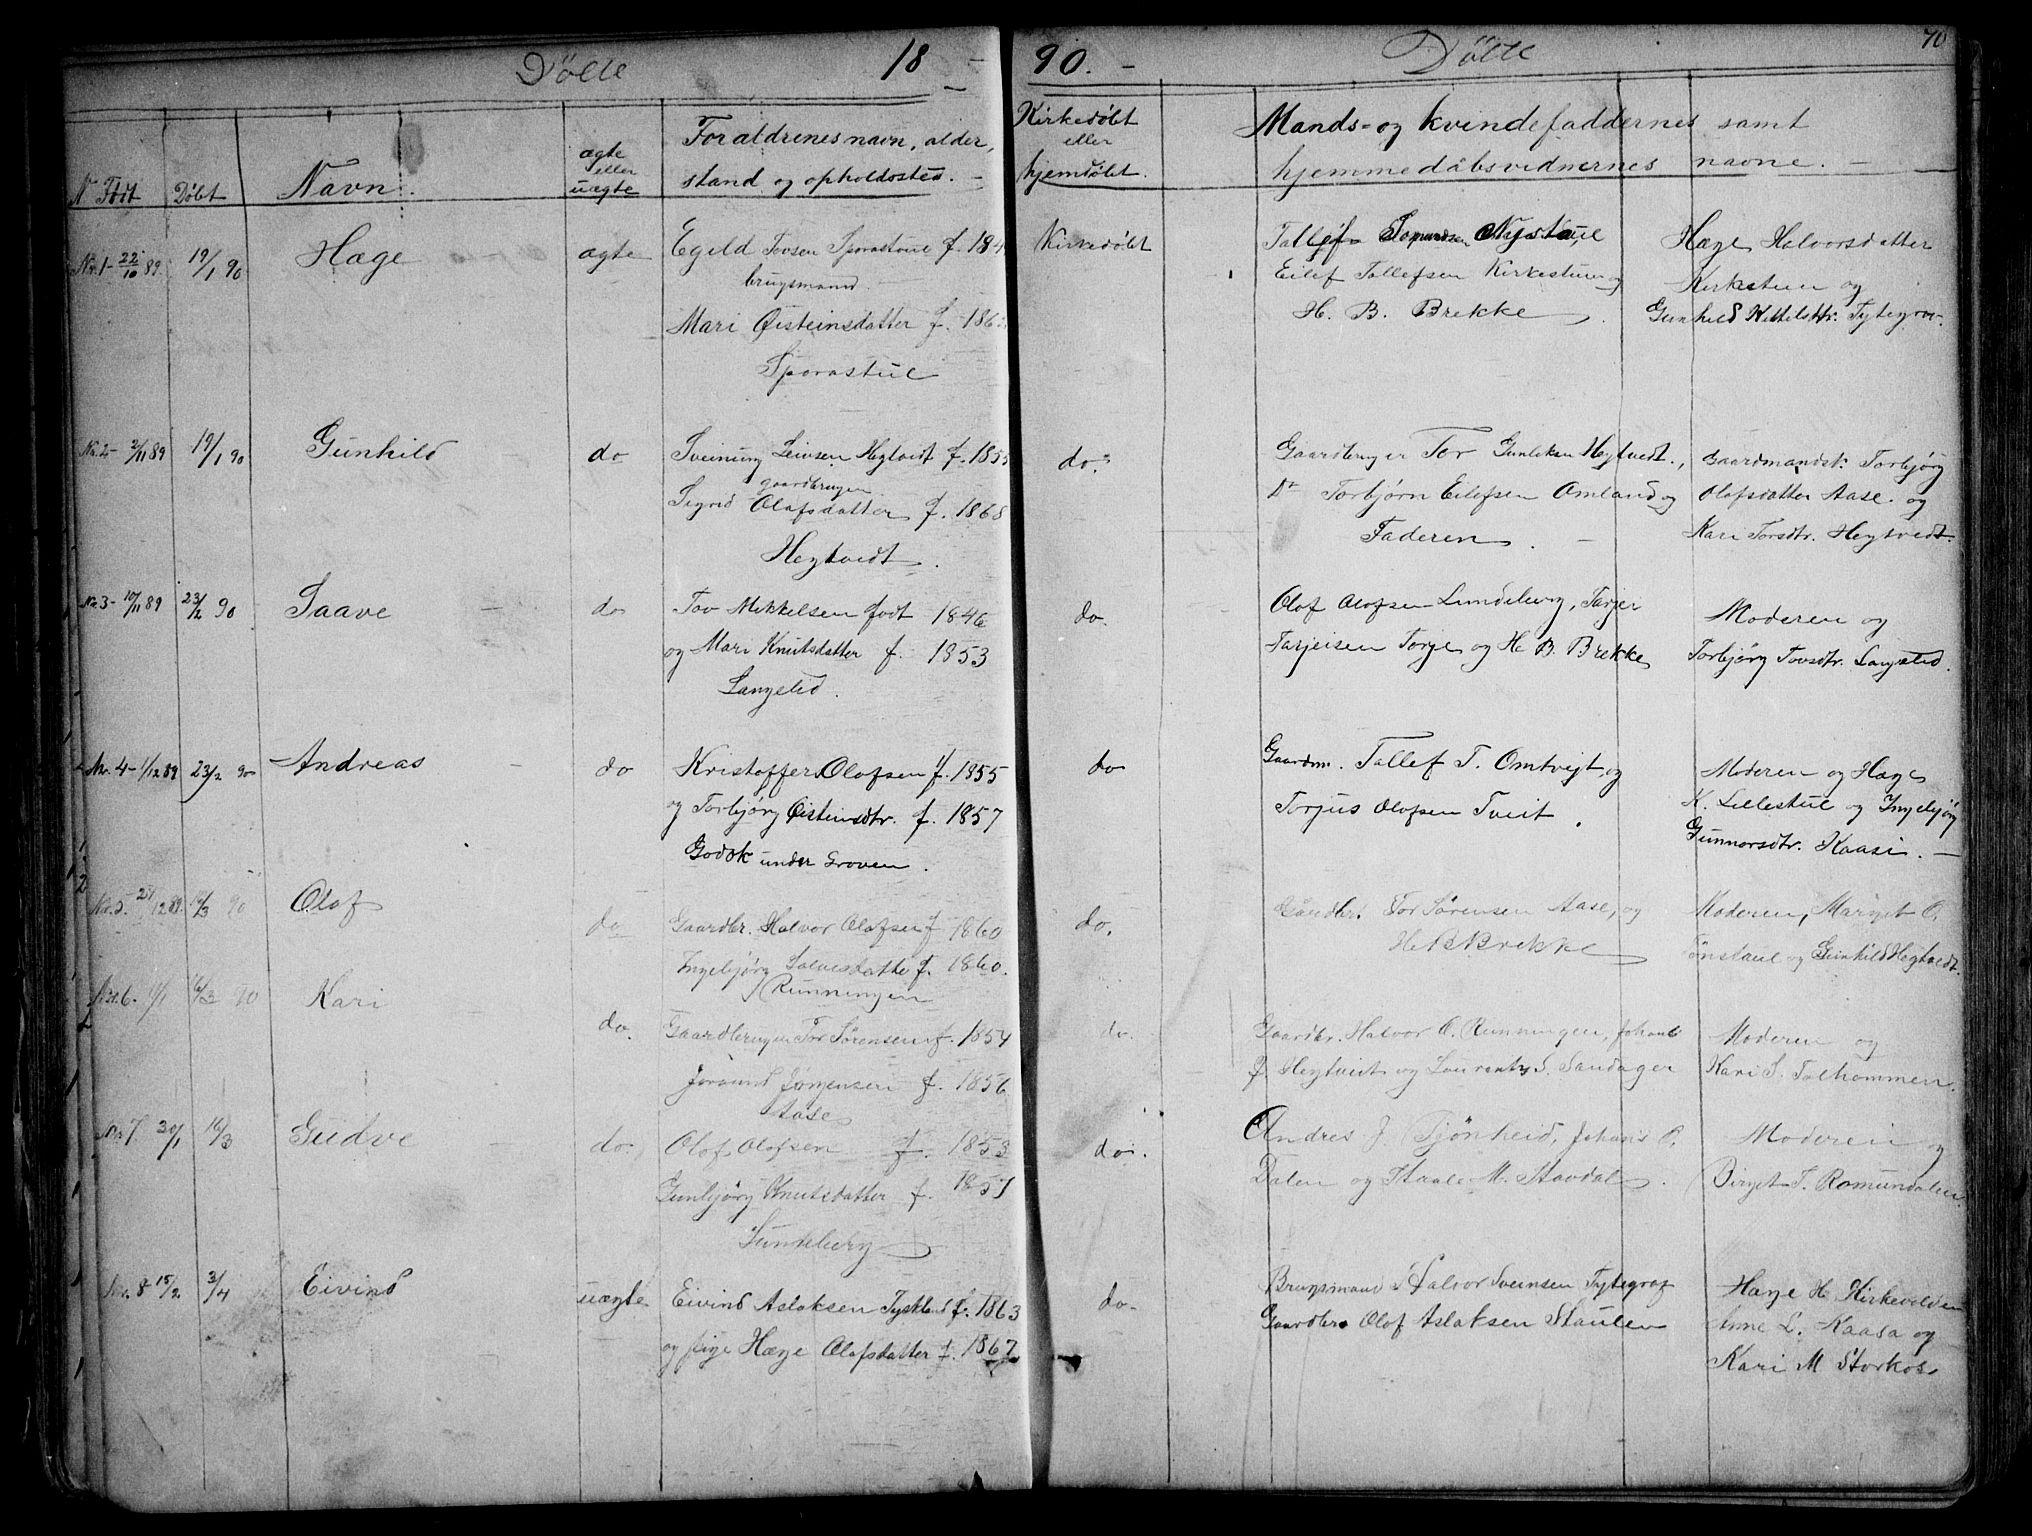 SAKO, Kviteseid kirkebøker, G/Gb/L0002: Klokkerbok nr. II 2, 1850-1892, s. 70